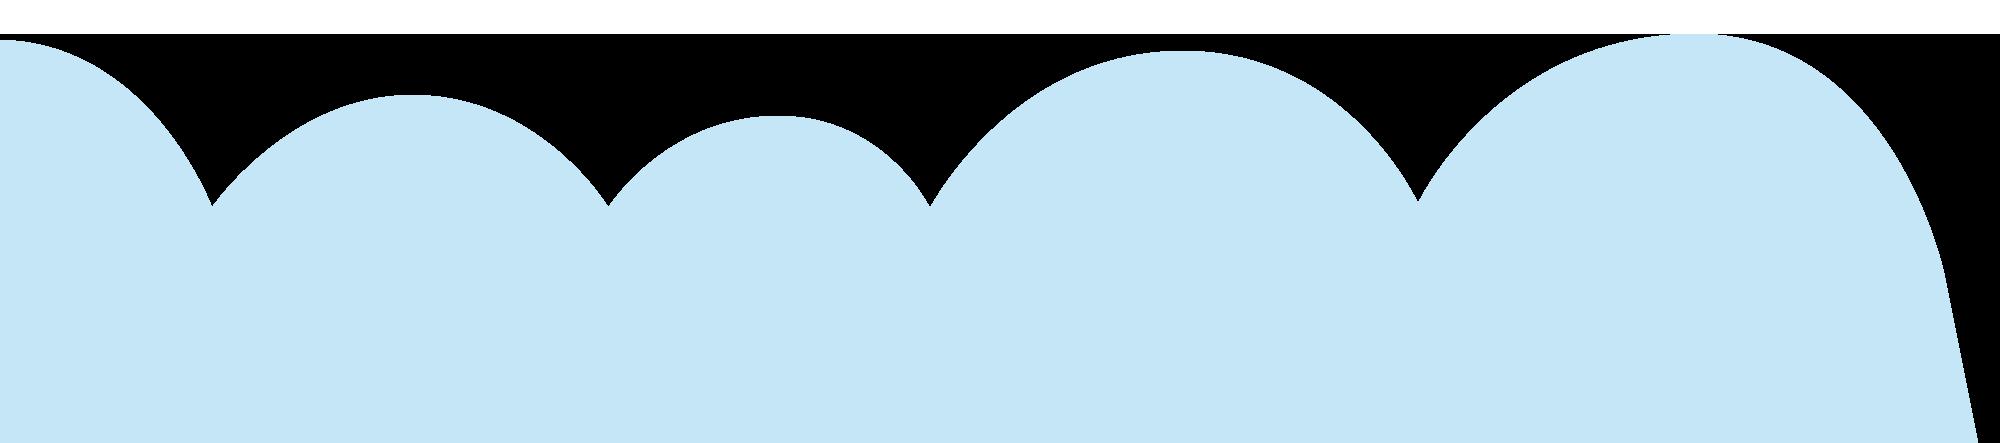 Hintergrundelement mit Wolken 2